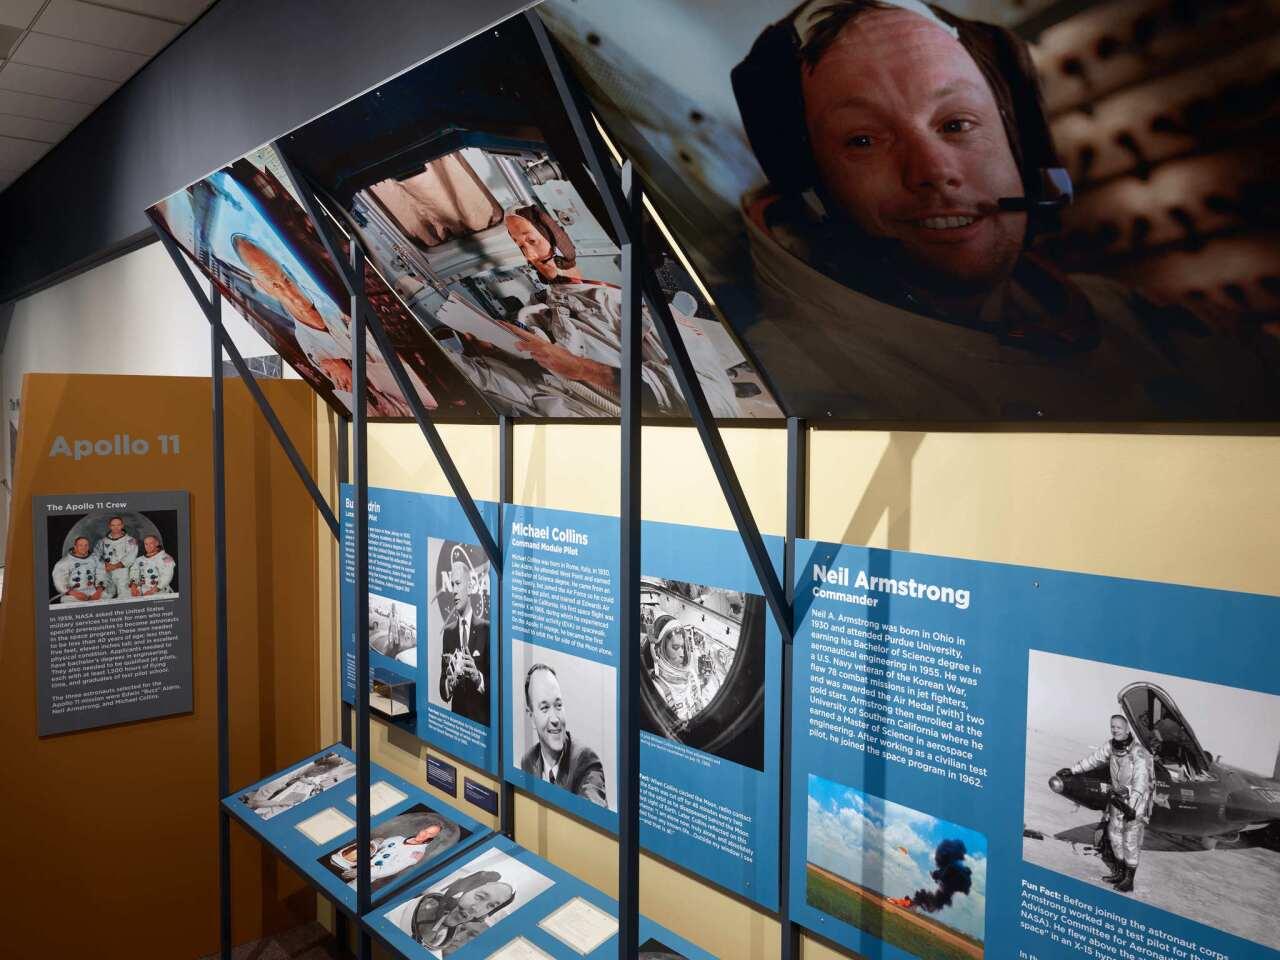 Photo Gallery: Apollo XI 50th anniversary exhibition at the Nixon Museum